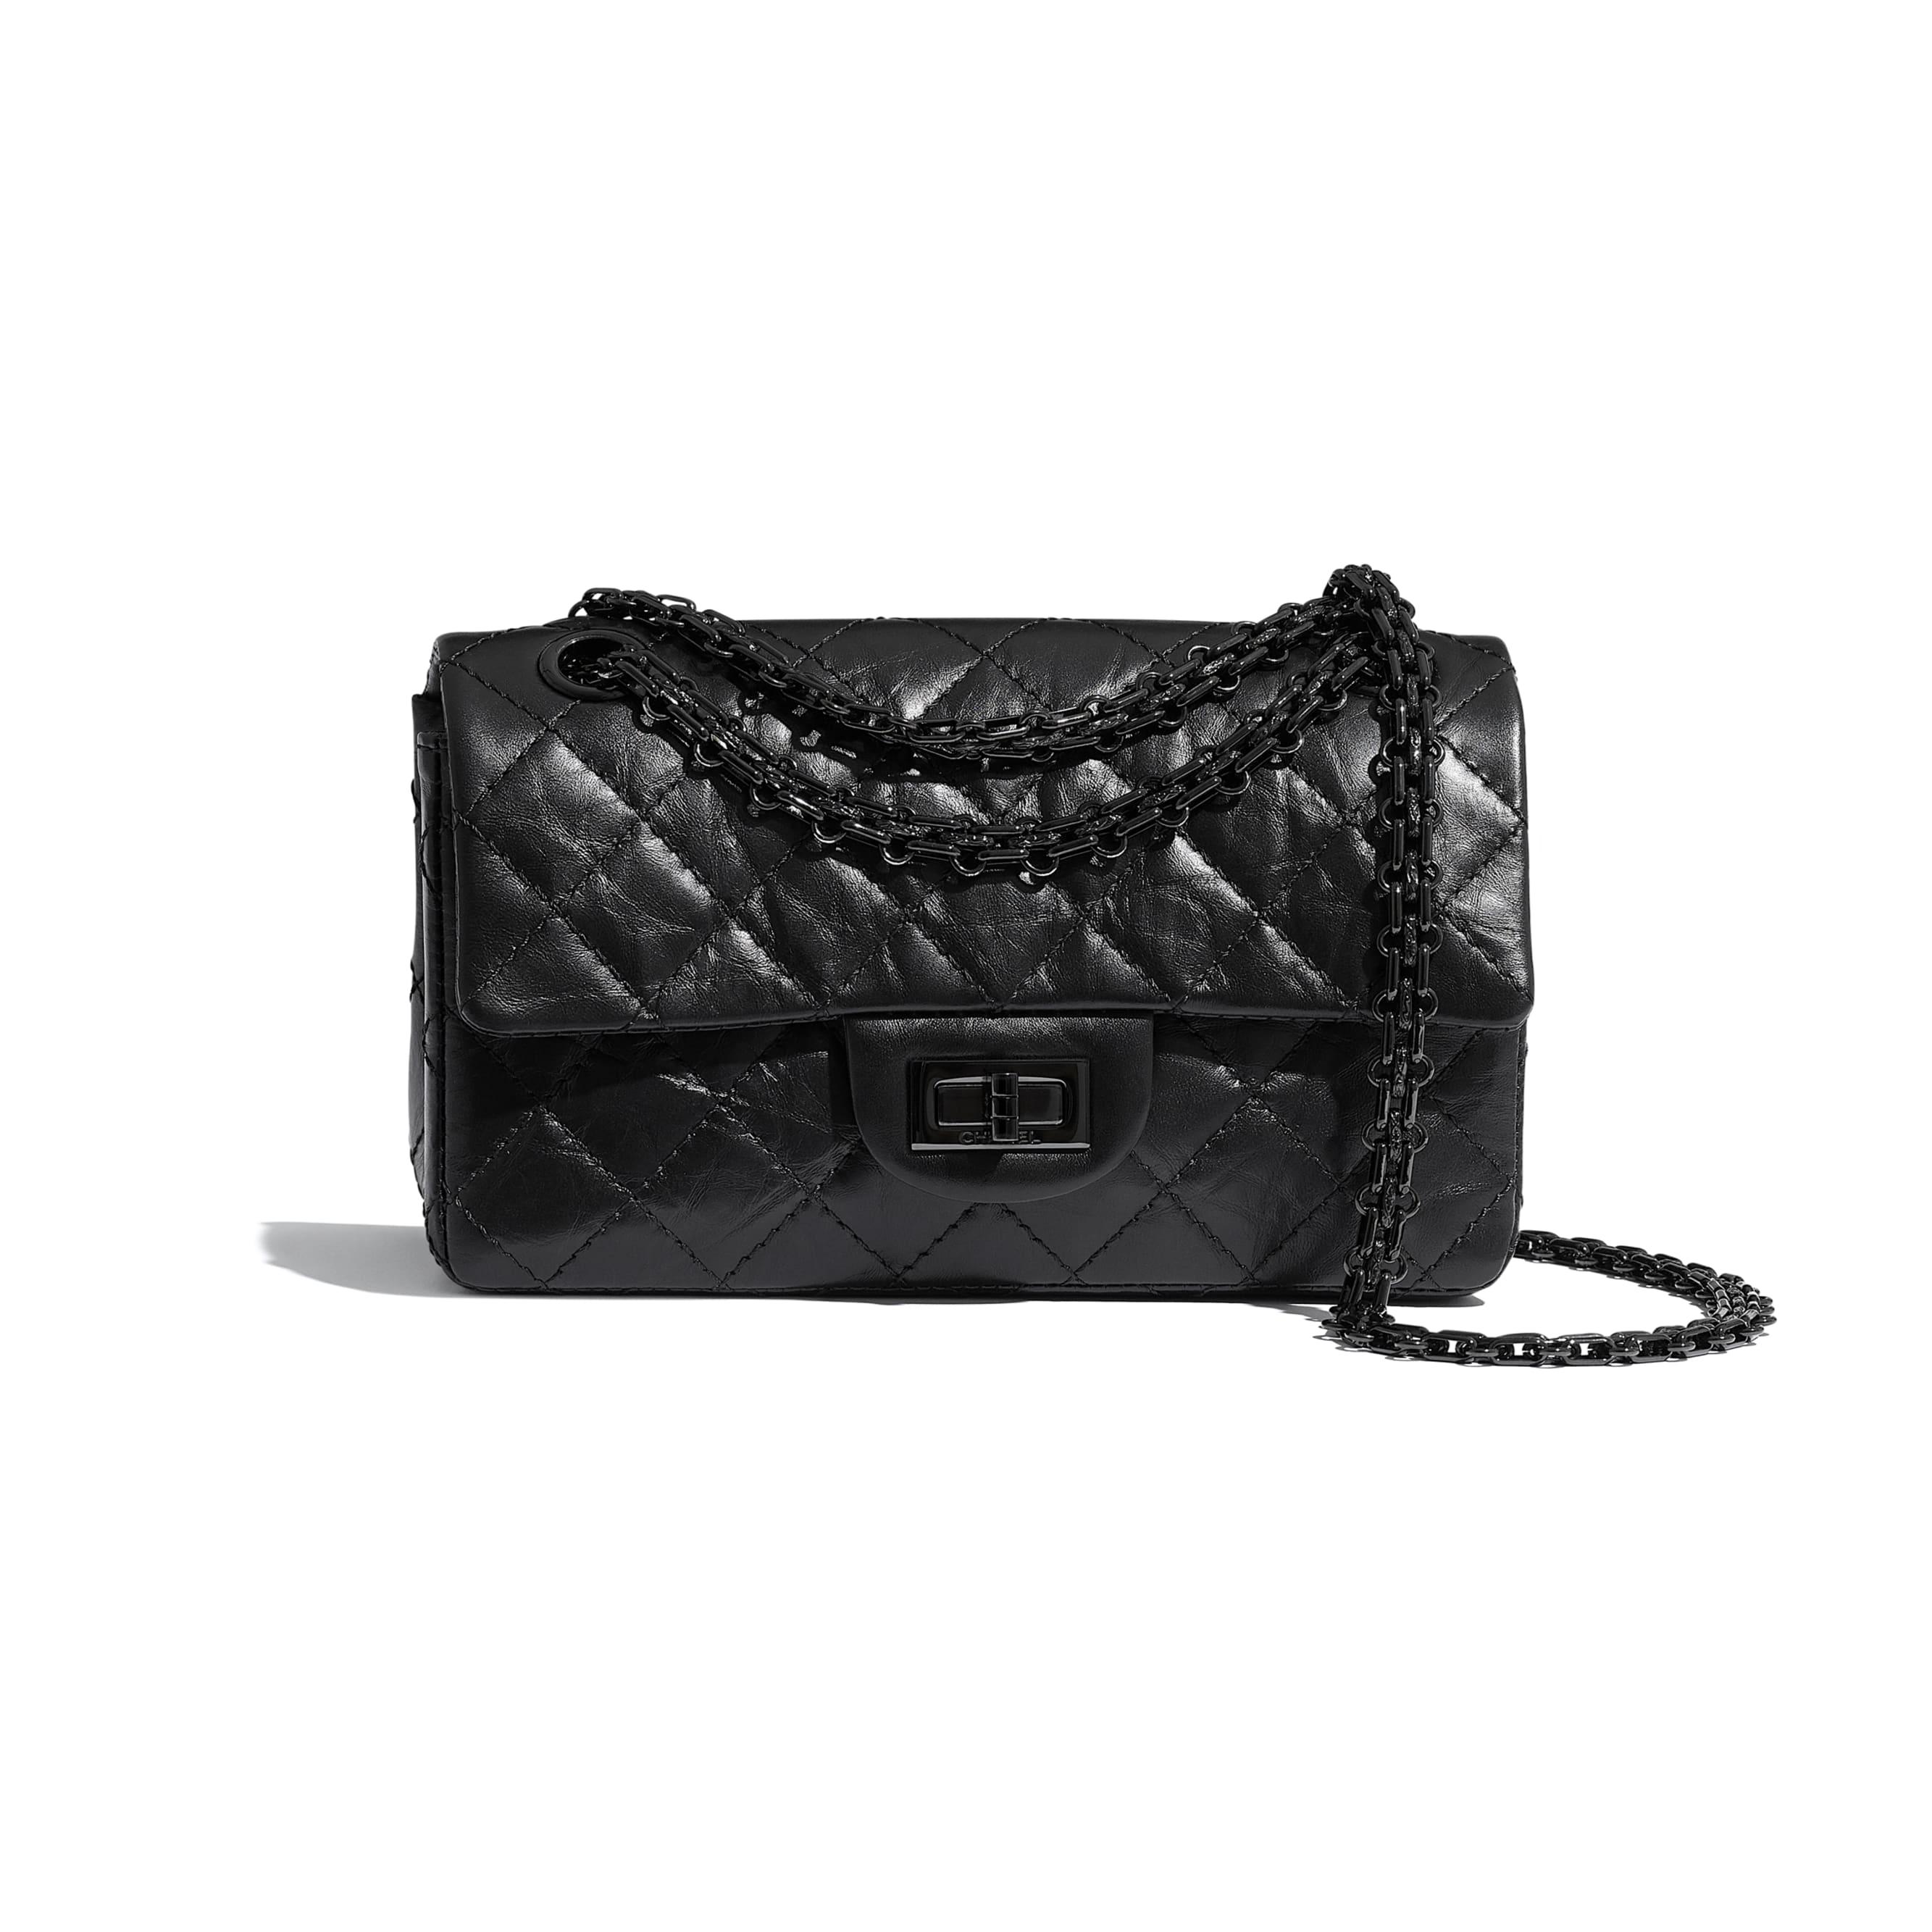 2.55 Mini-Tasche  - Schwarz - Leder in  Vintage-Optik & schwarzes Metall - CHANEL - Standardansicht - Standardgröße anzeigen